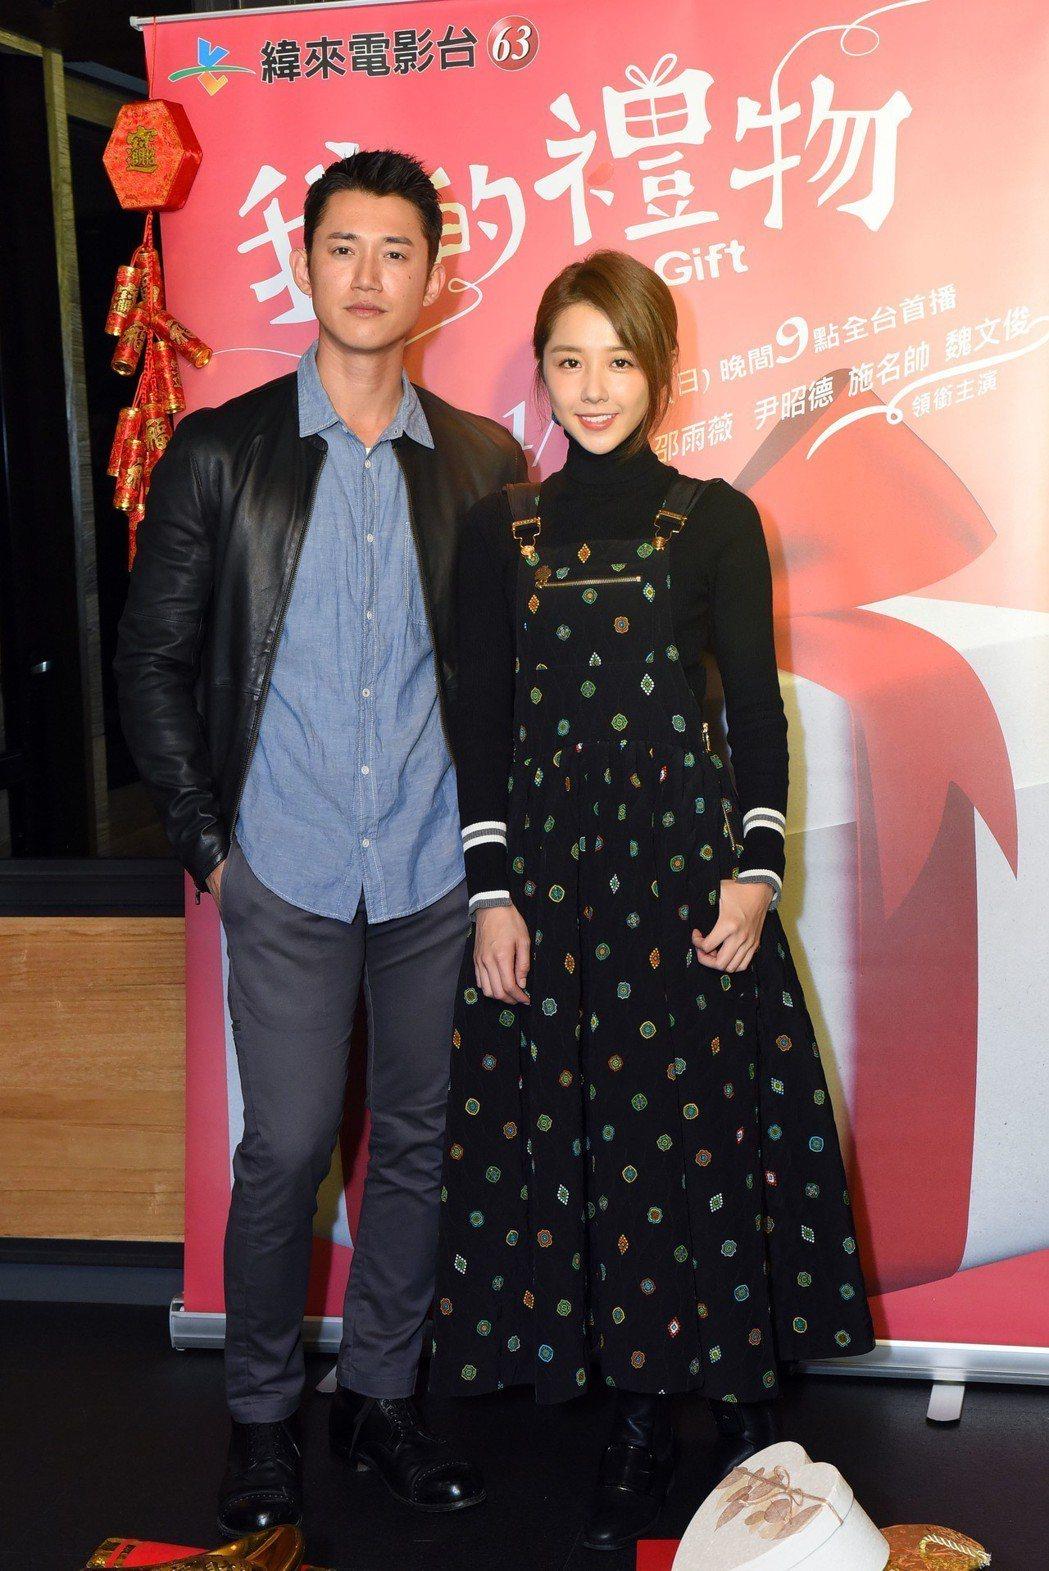 吳慷仁(左)與邵雨薇(右)爆緋聞。 圖/緯來電影台